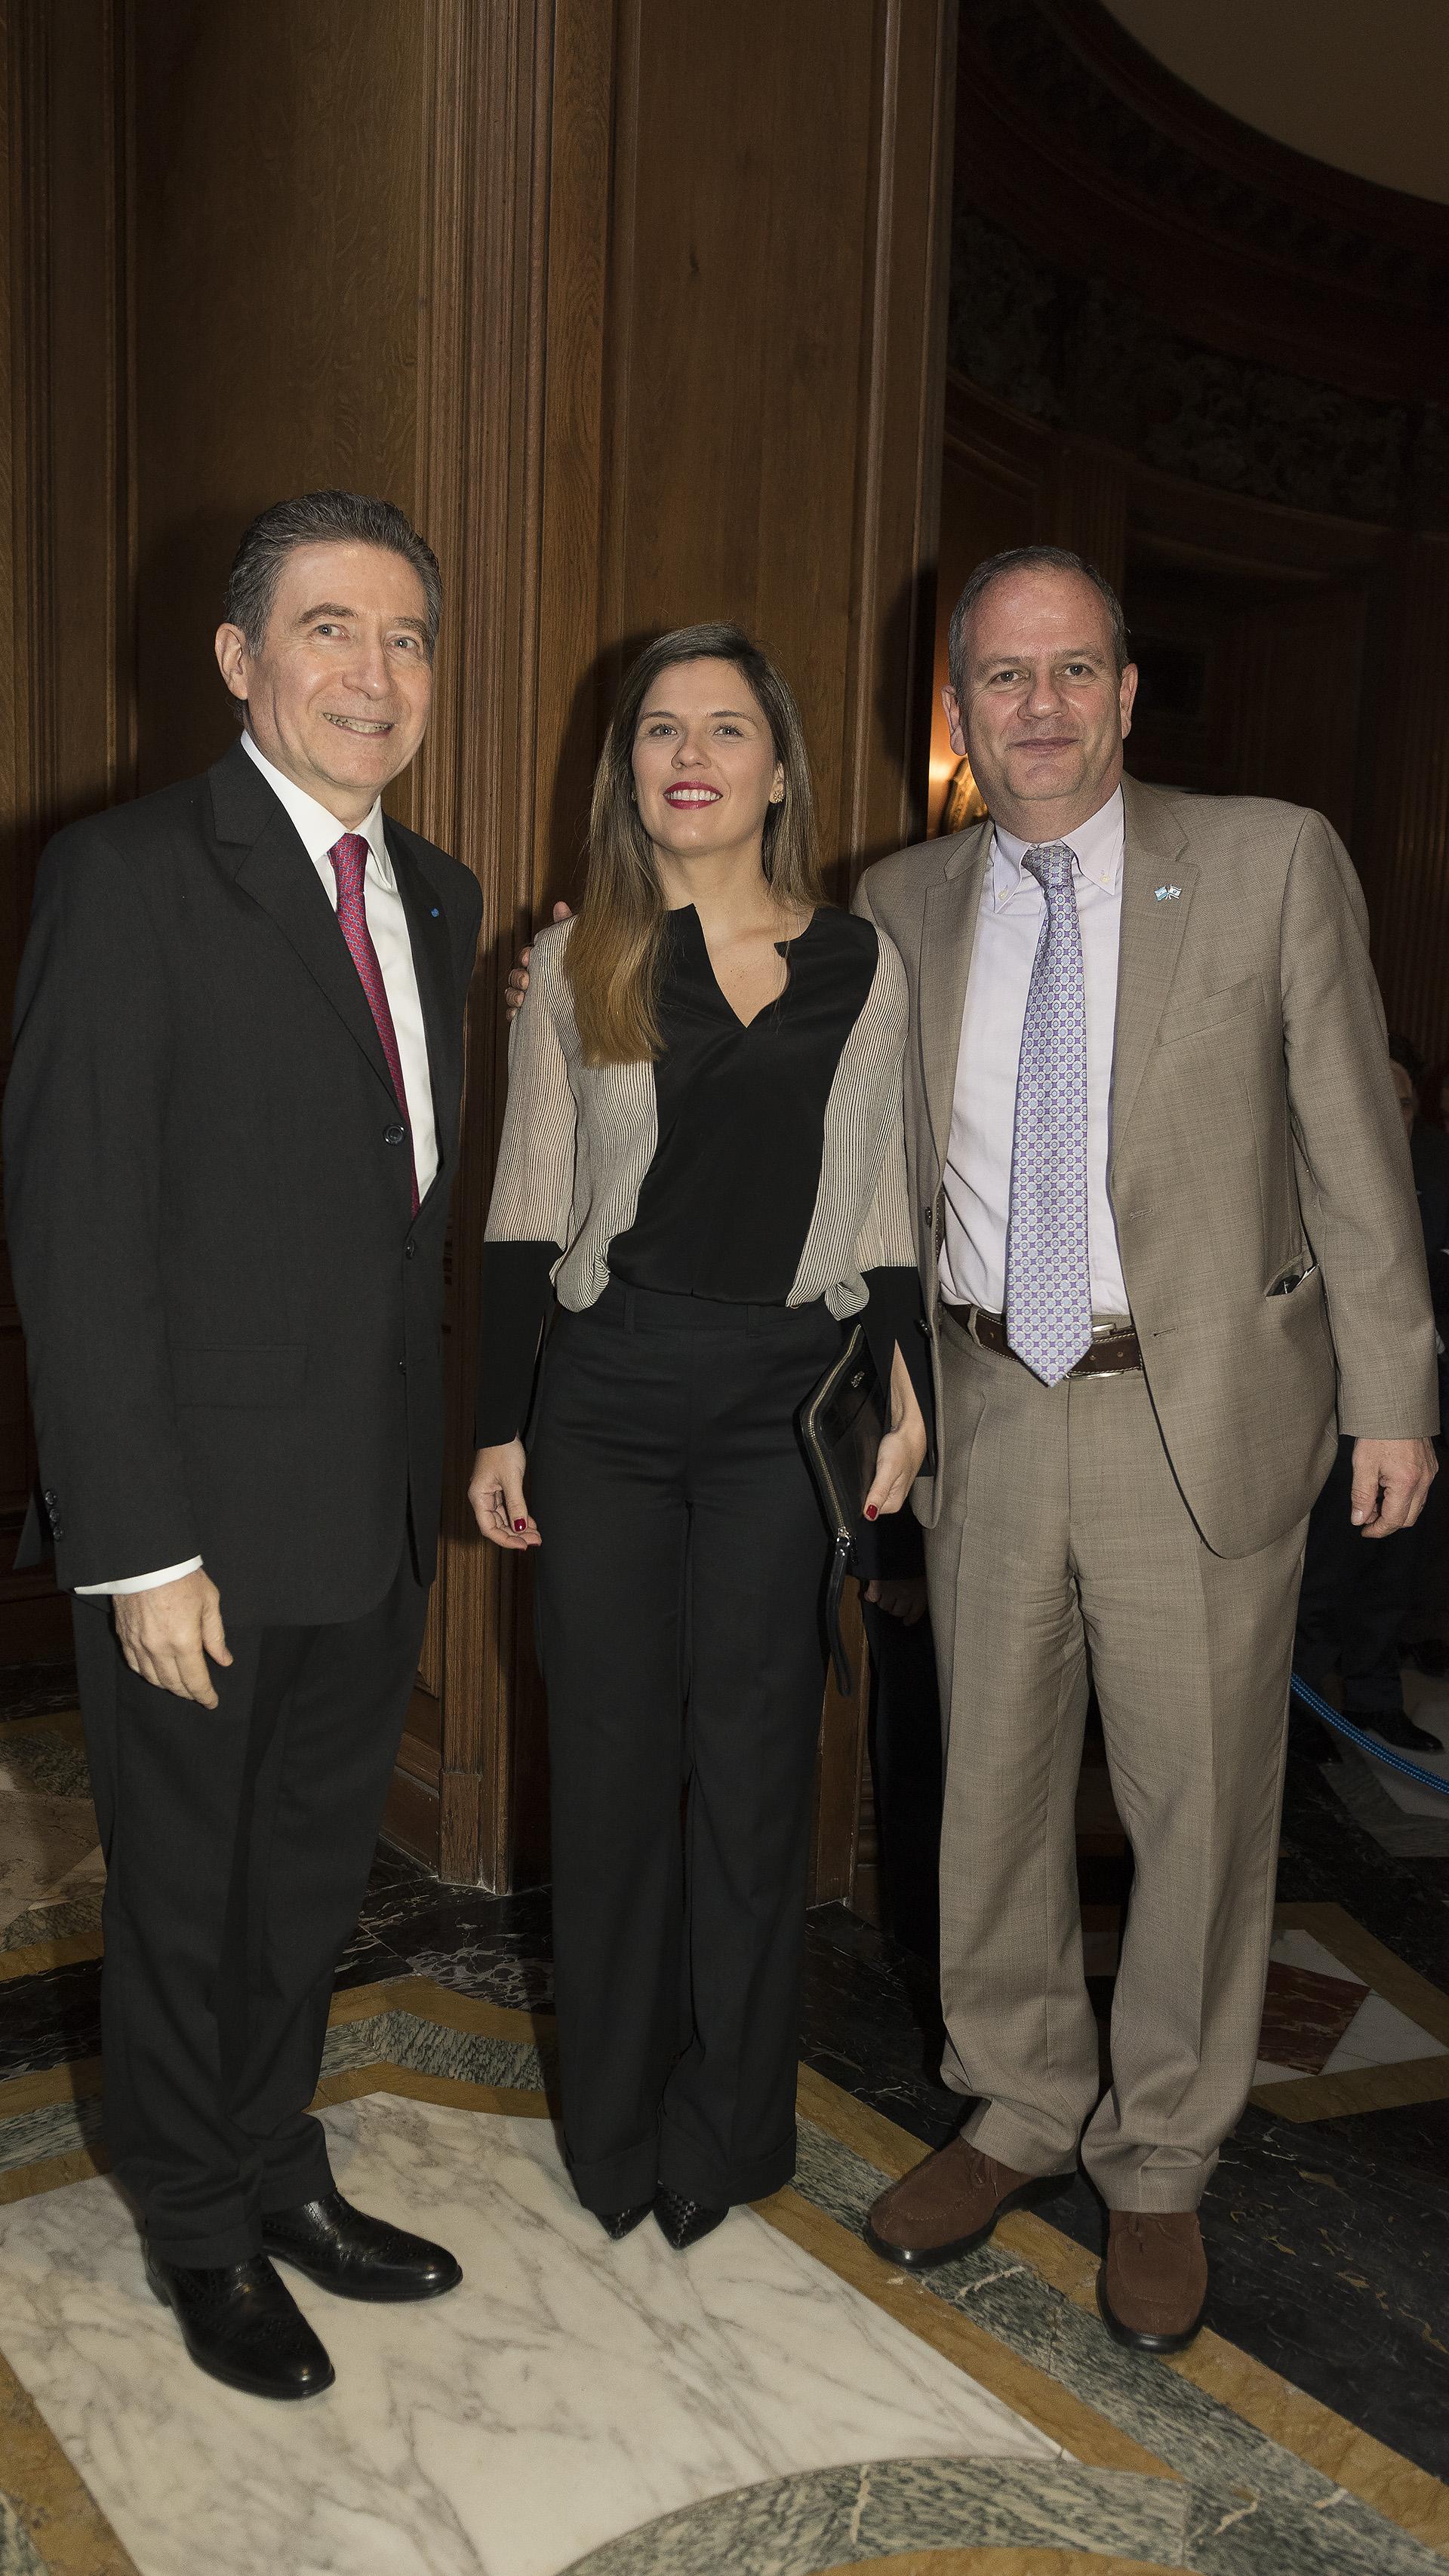 El embajador de Israel en la Argentina, Ilan Sztulman, y su mujer Jaqueline